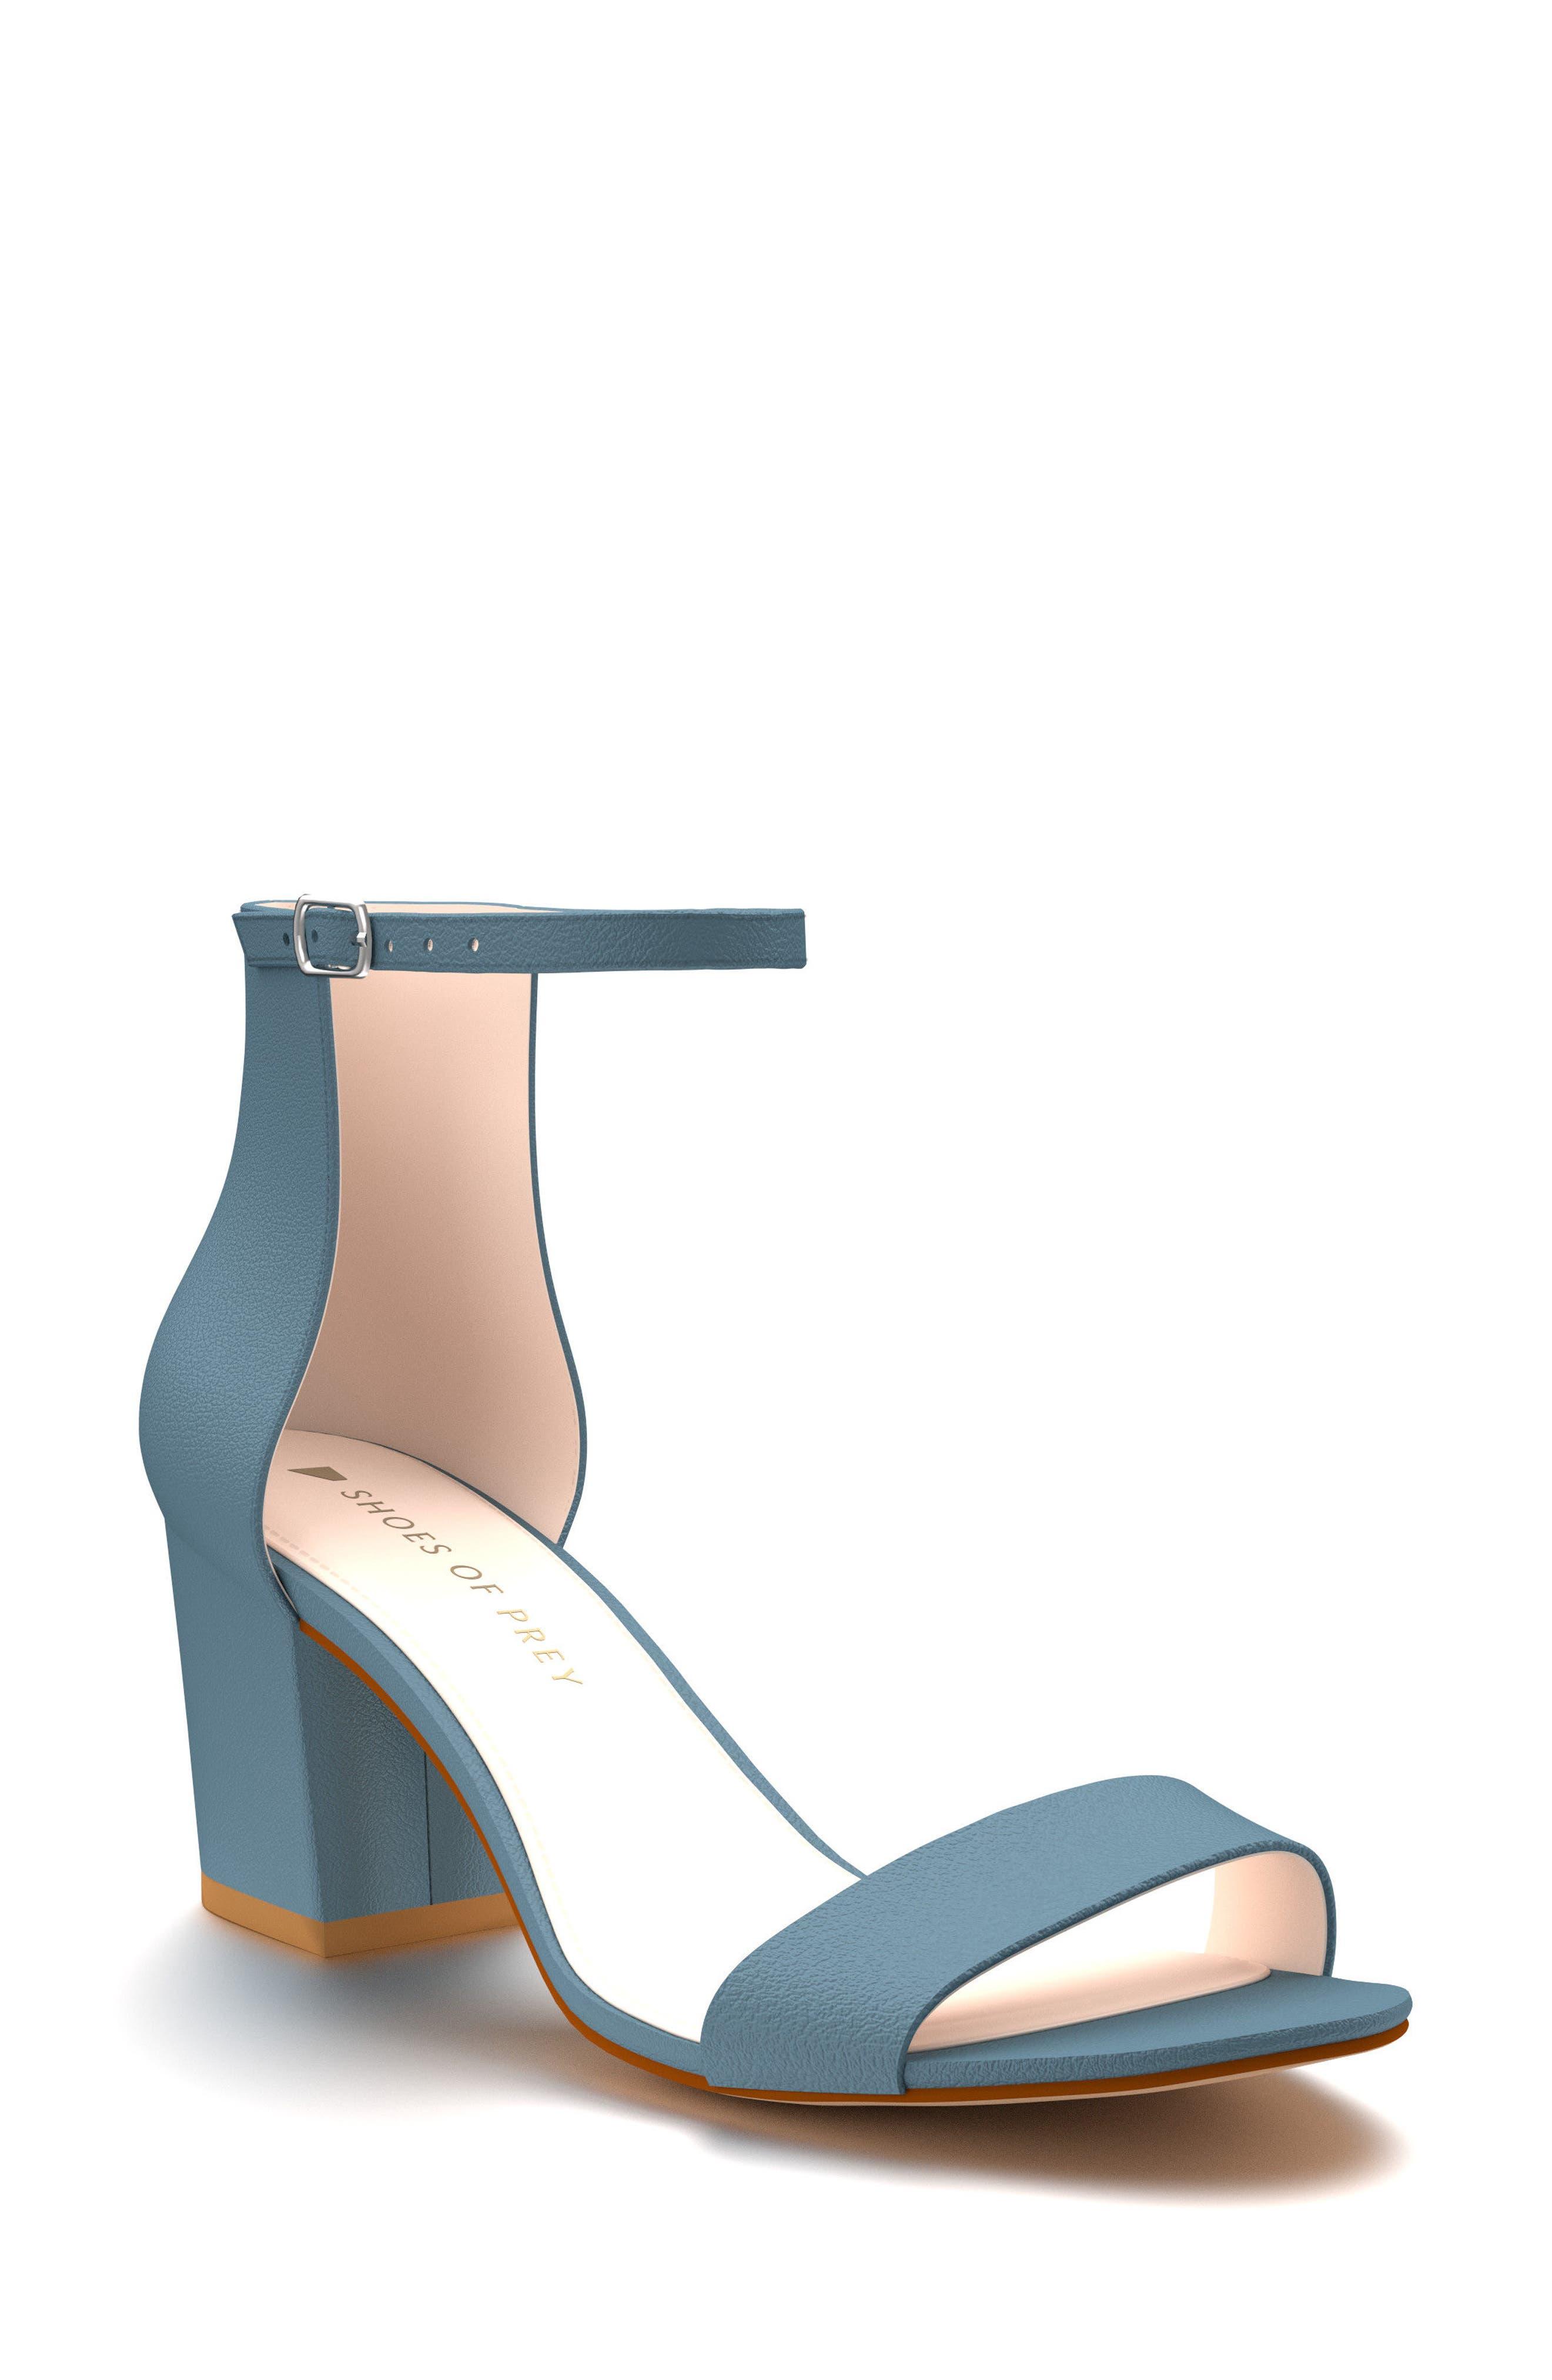 Shoes of Prey Block Heel Sandal (Women)